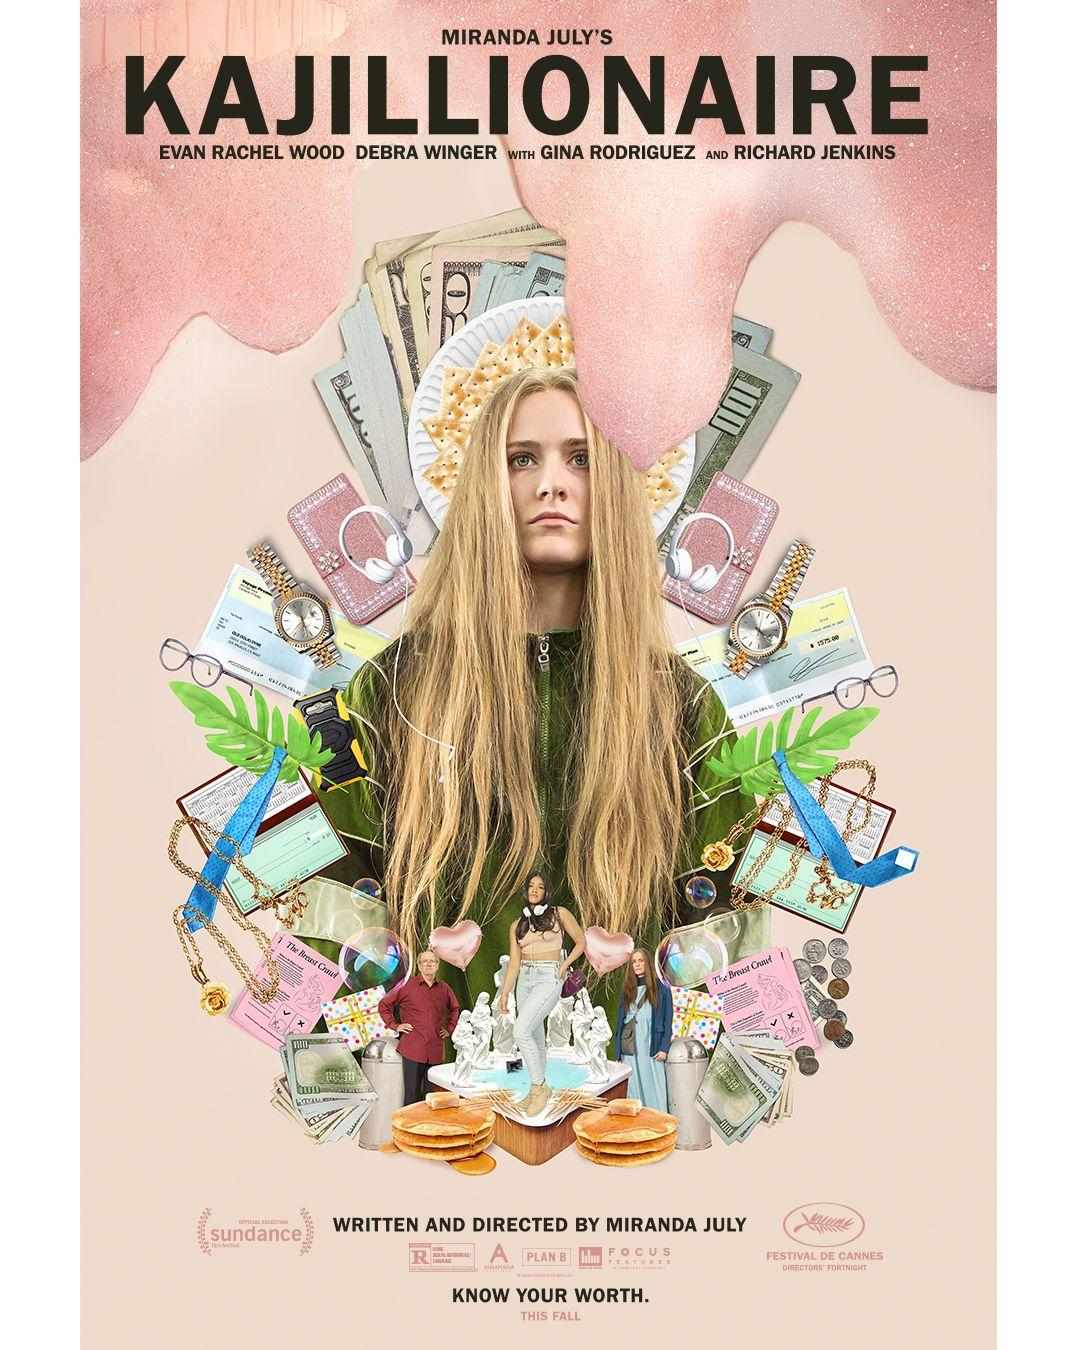 فيلم الجريمة الأمريكي Kajillionaire 2020 مترجم Miranda July Debra Winger Evan Rachel Wood